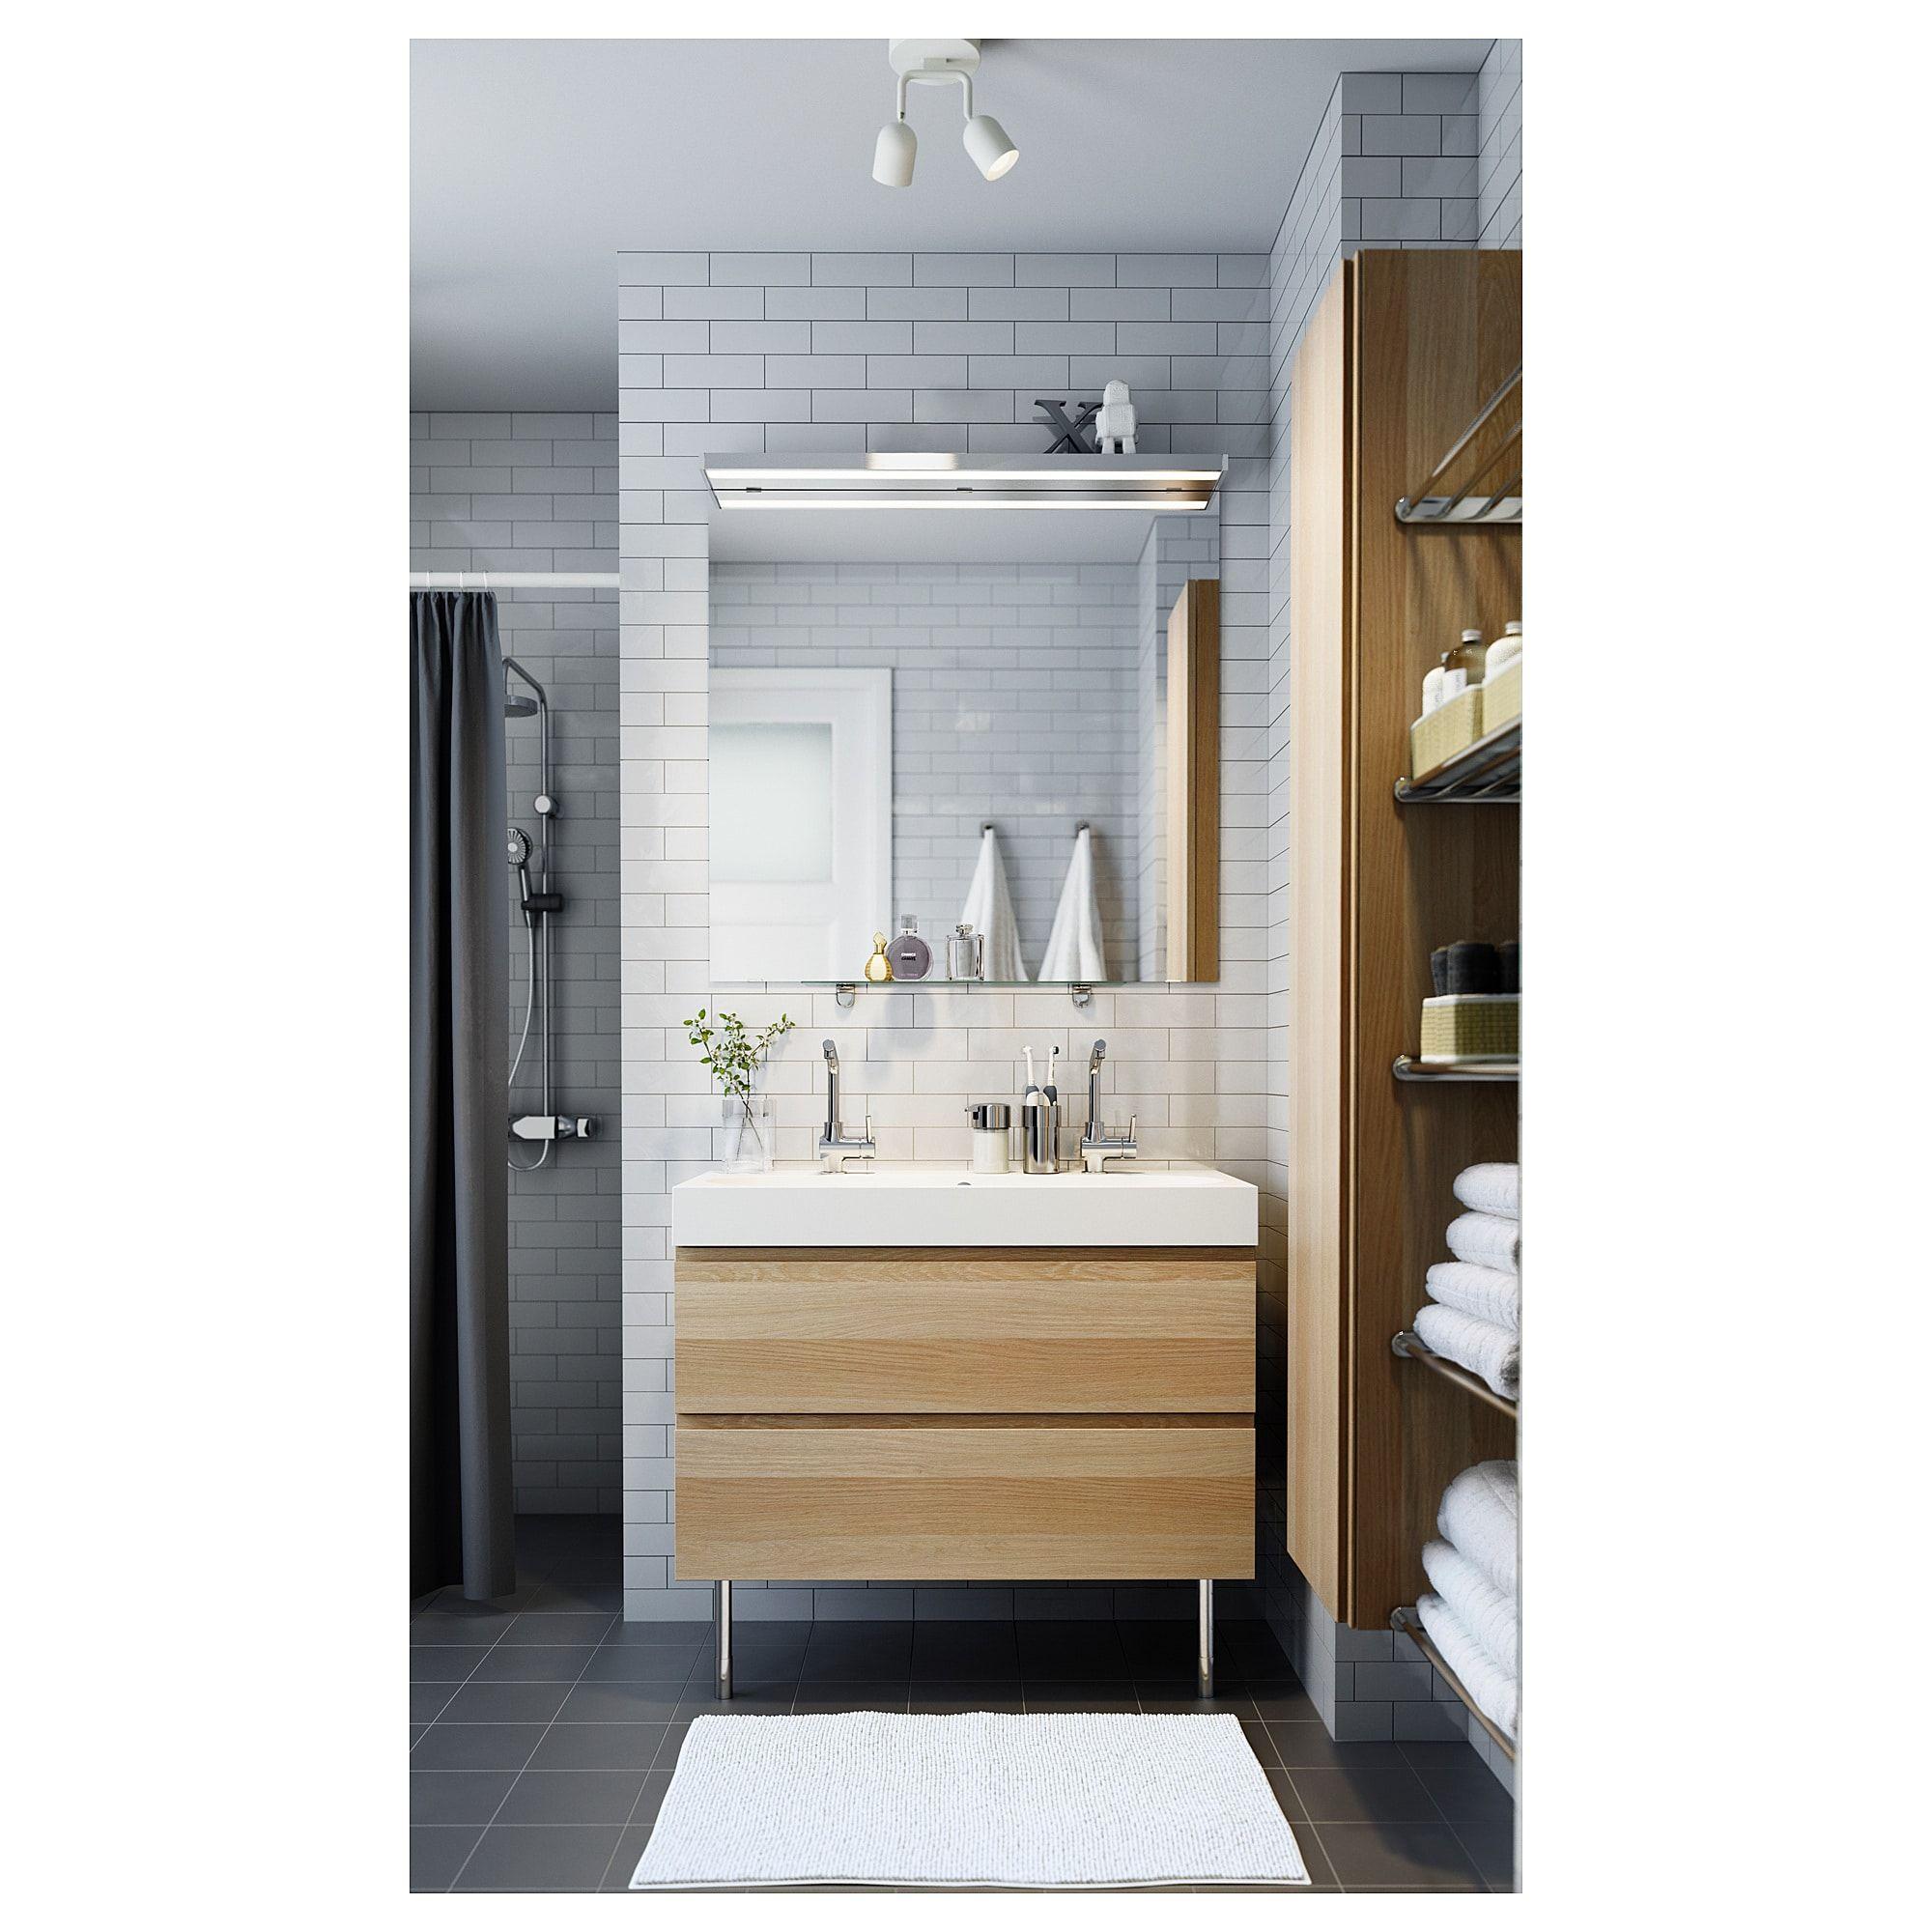 Furniture Home Furnishings Find Your Inspiration Diy Bathroom Design Bathroom Redecorating Lavatory Design [ jpg ]